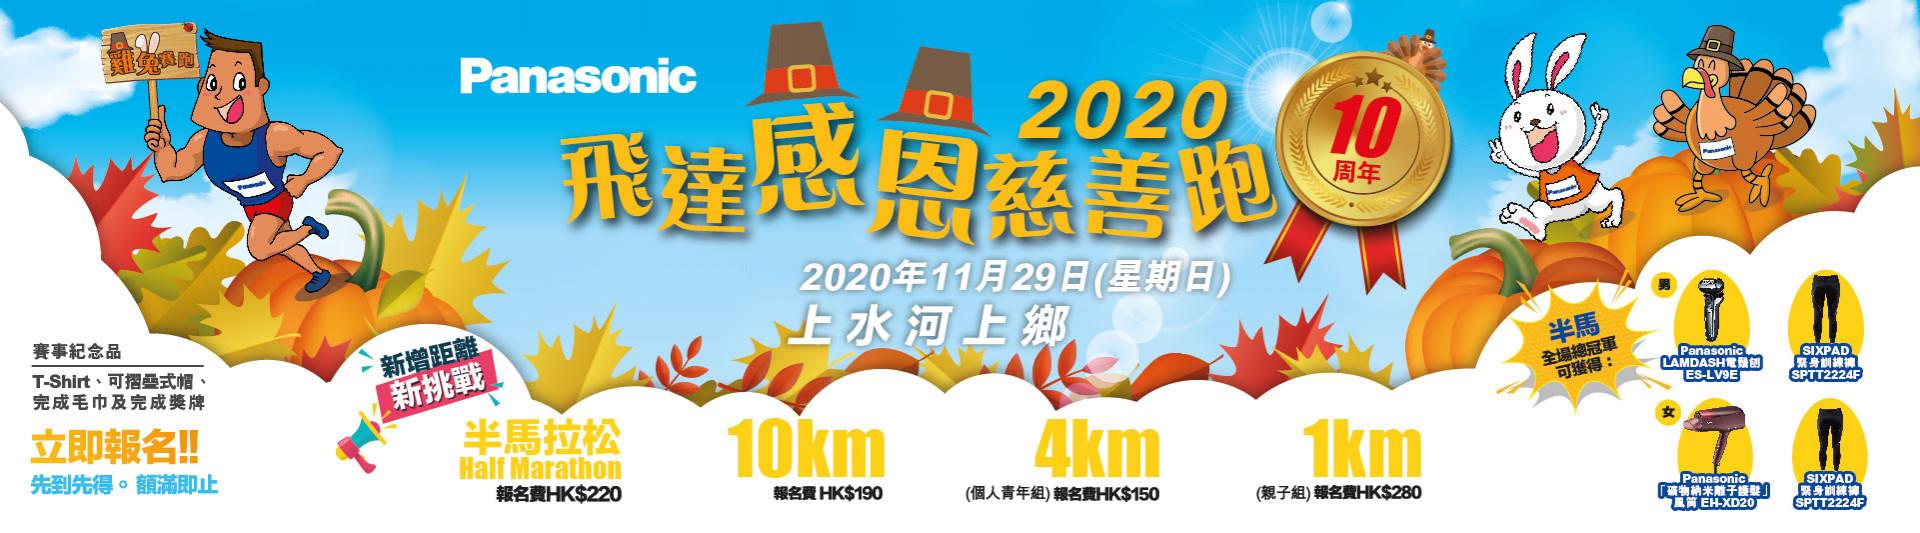 [開放報名!] 新賽事「Panasonic飛達感恩慈善跑2020」